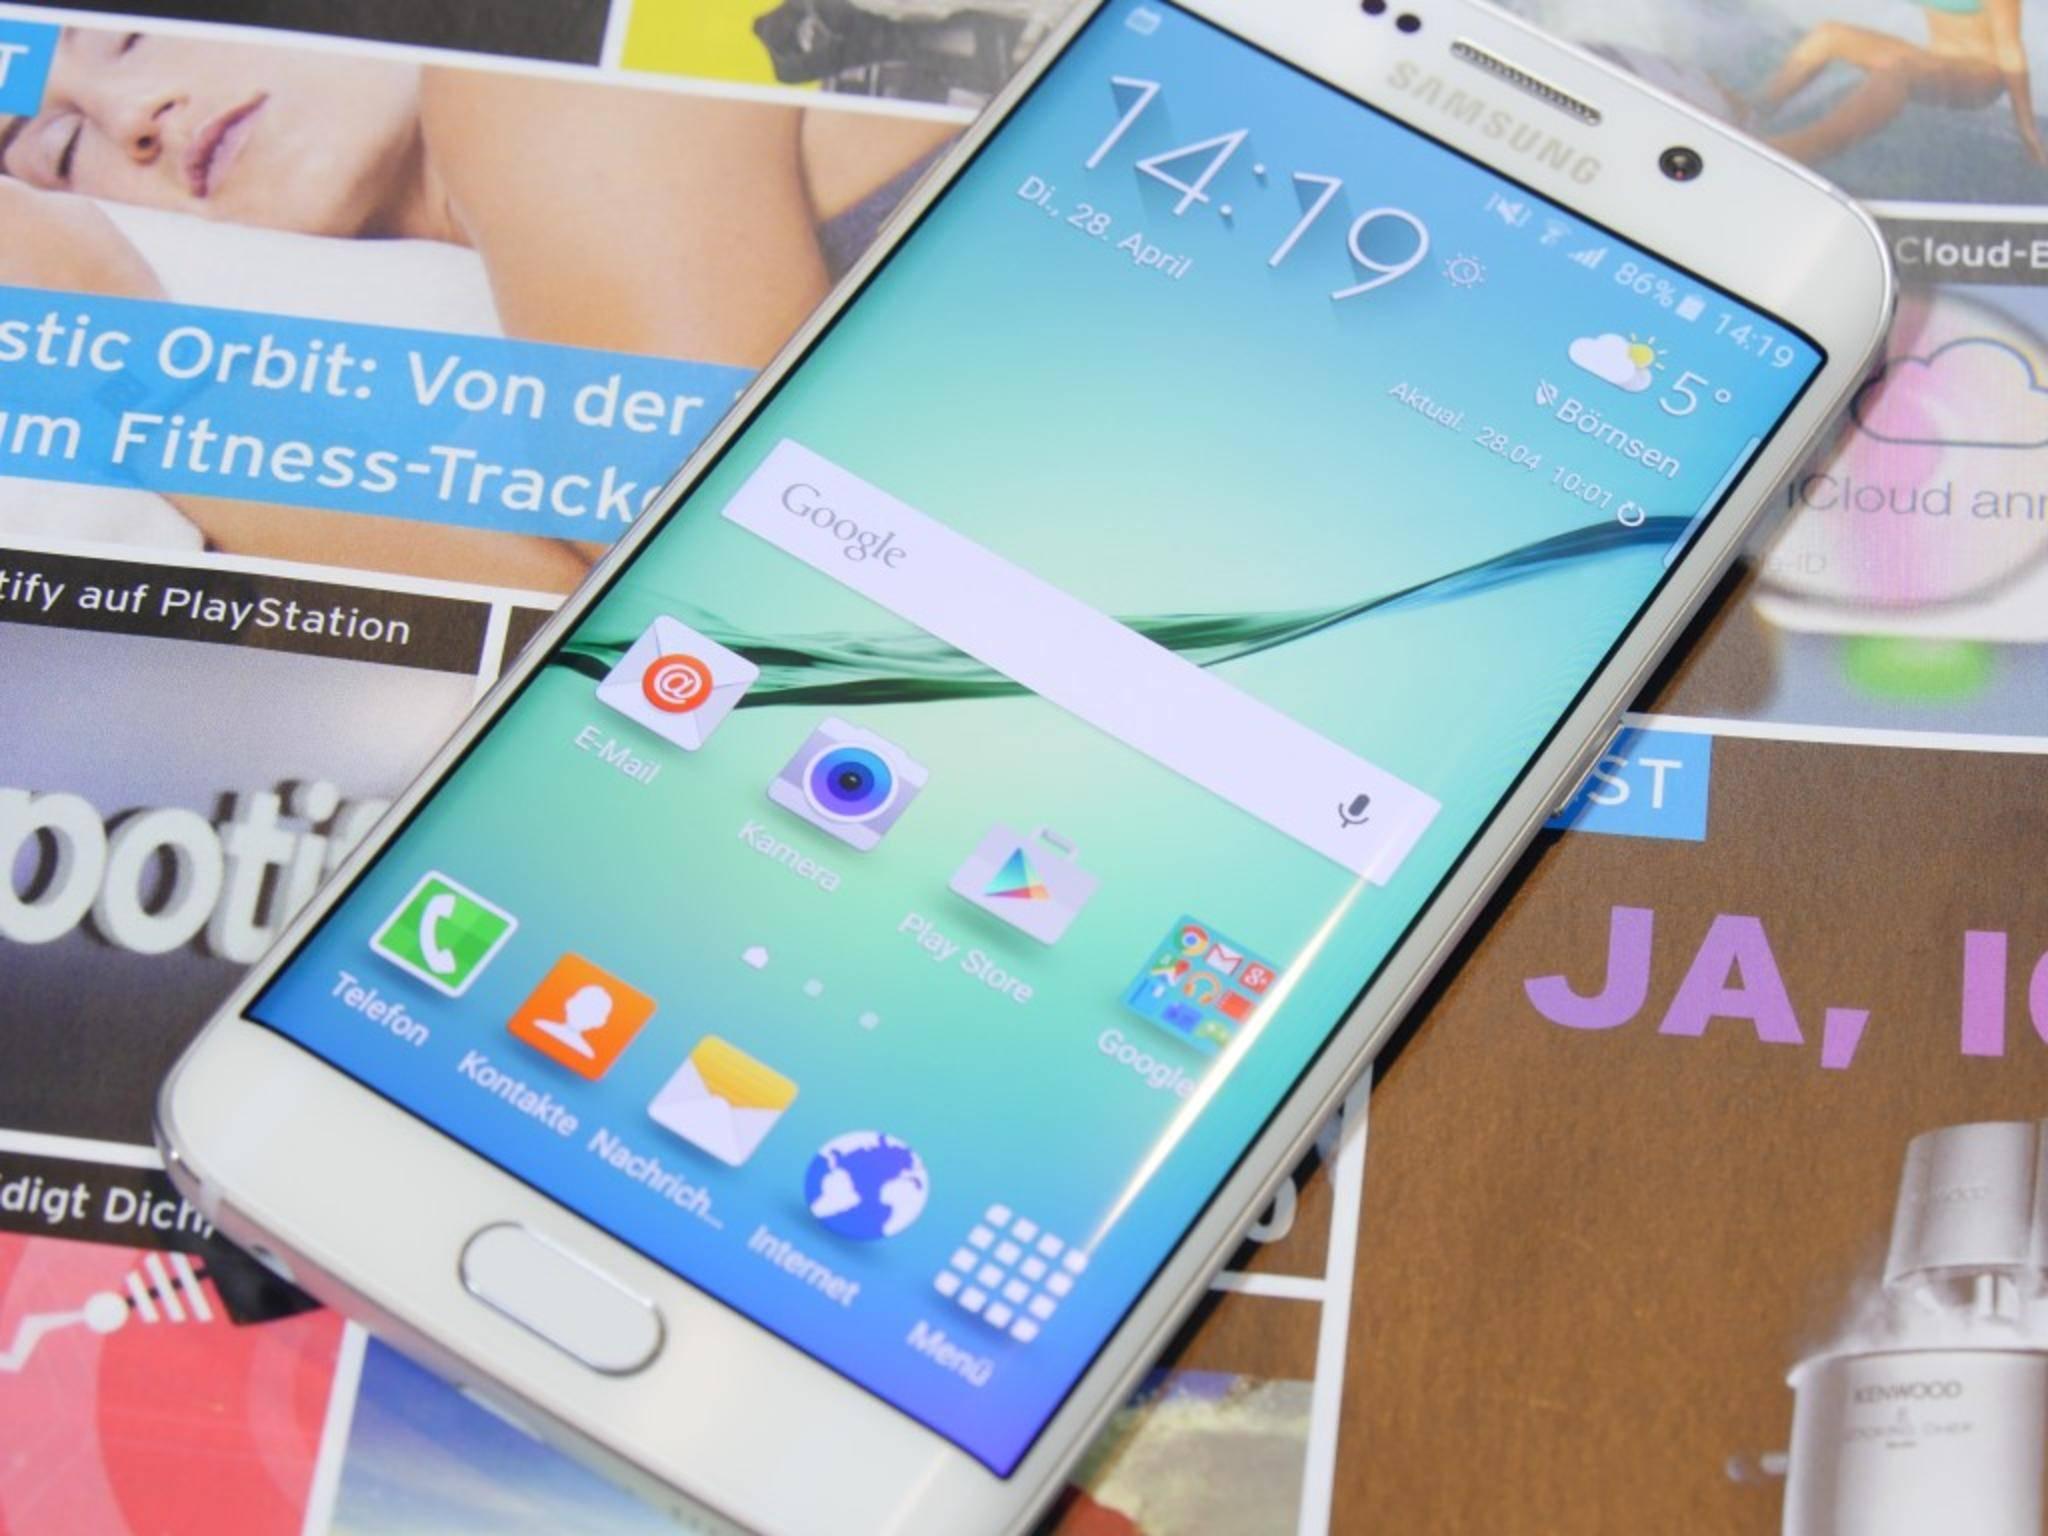 Das Galaxy S6 Edge könnte Android M bekommen.